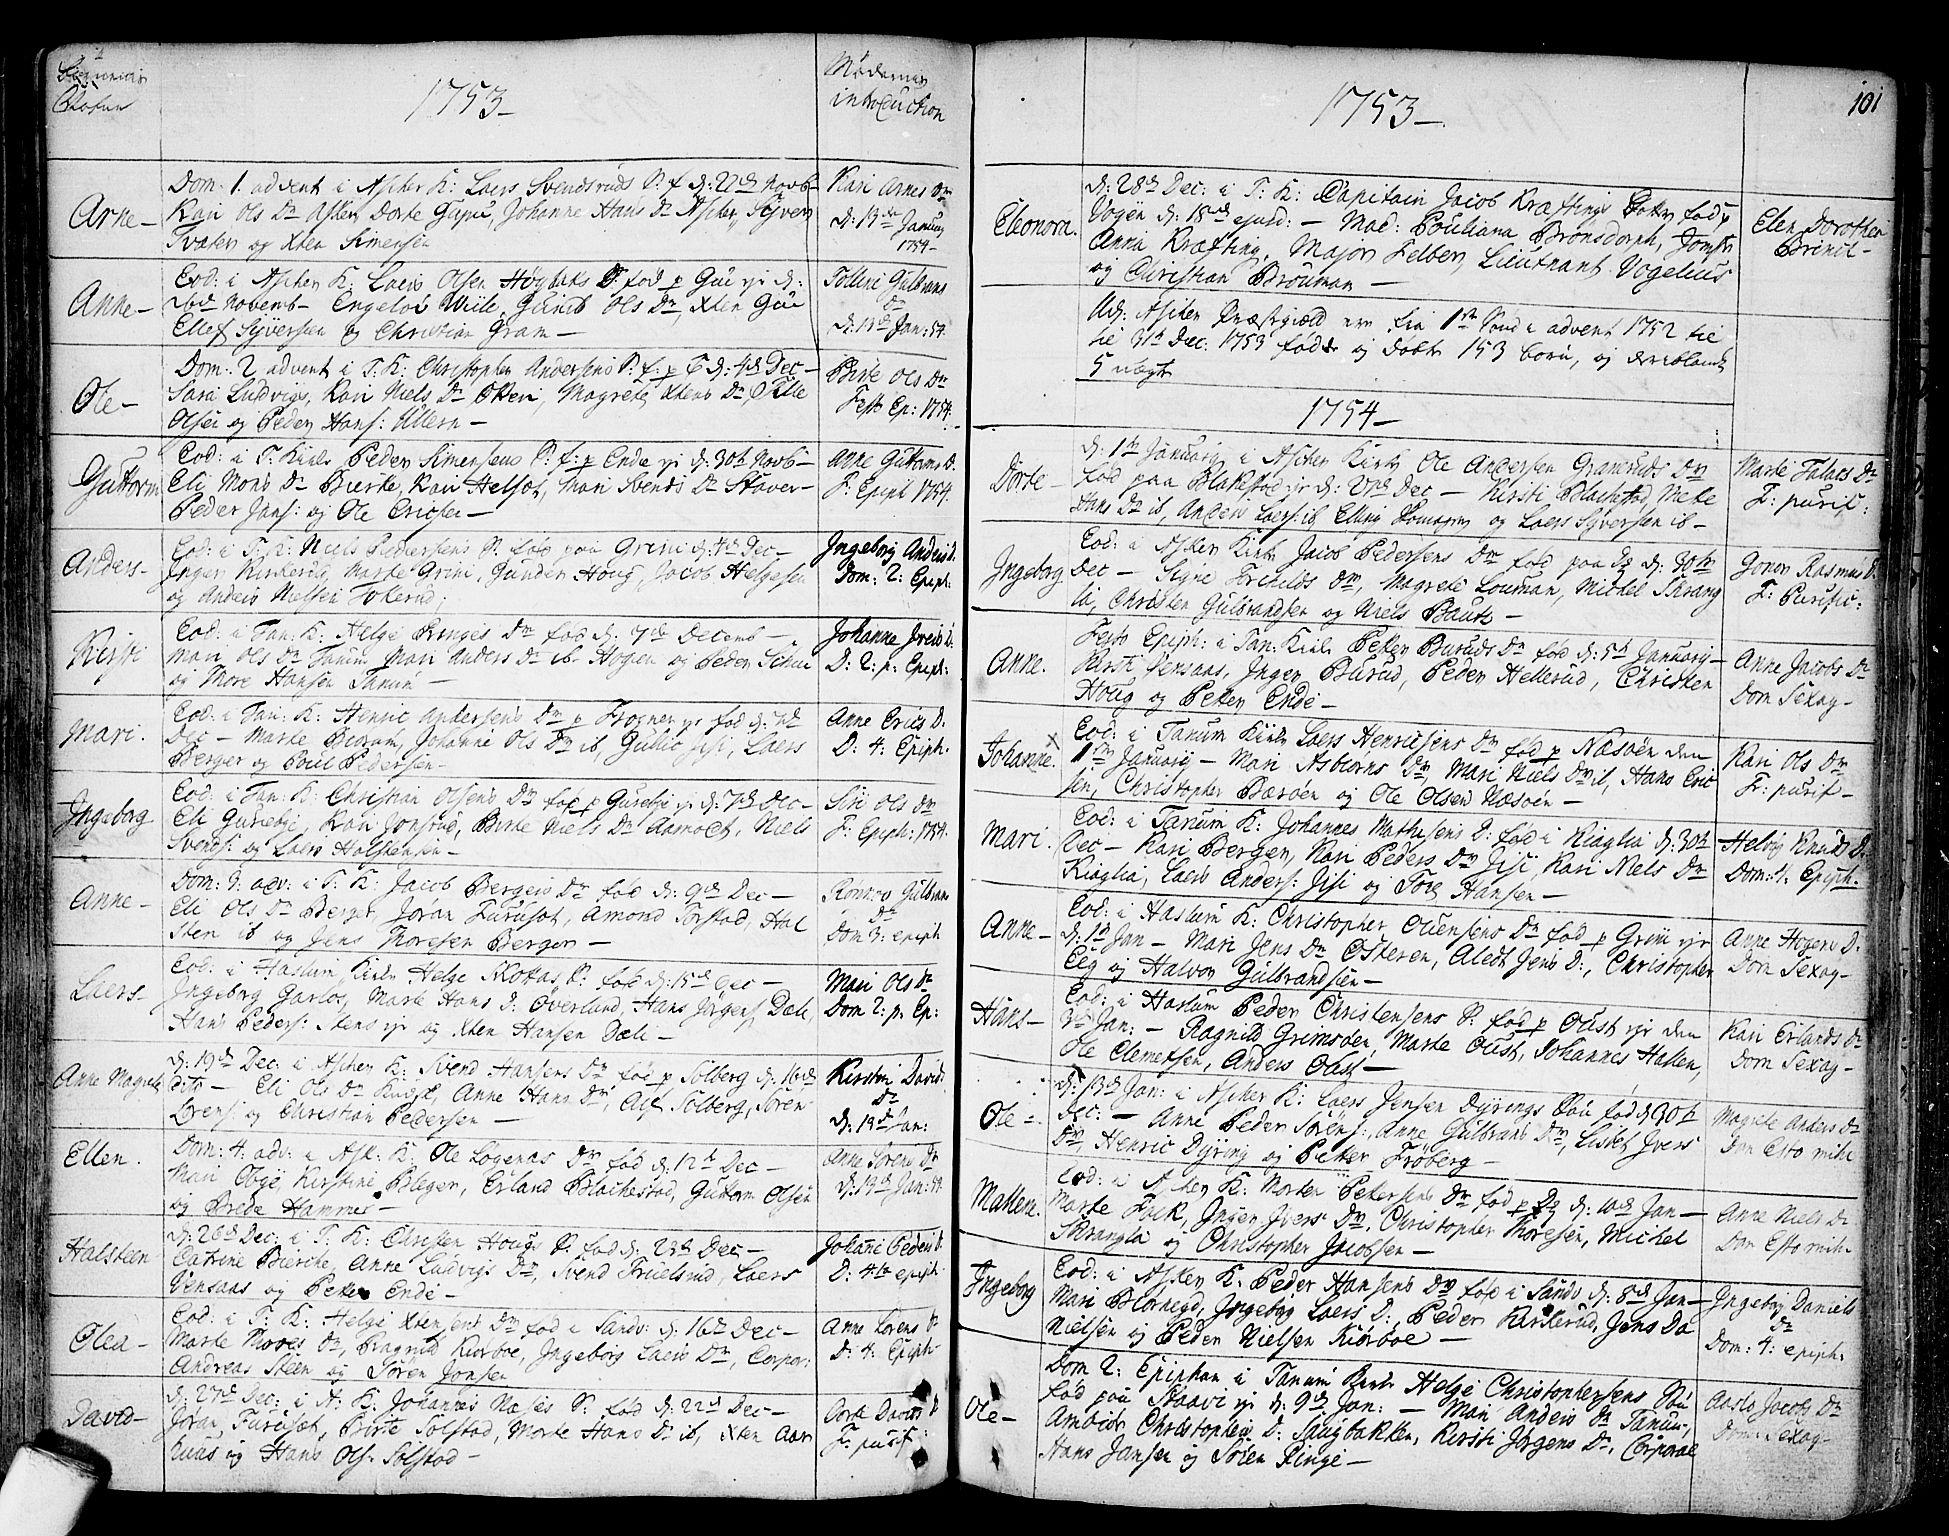 SAO, Asker prestekontor Kirkebøker, F/Fa/L0002: Ministerialbok nr. I 2, 1733-1766, s. 101